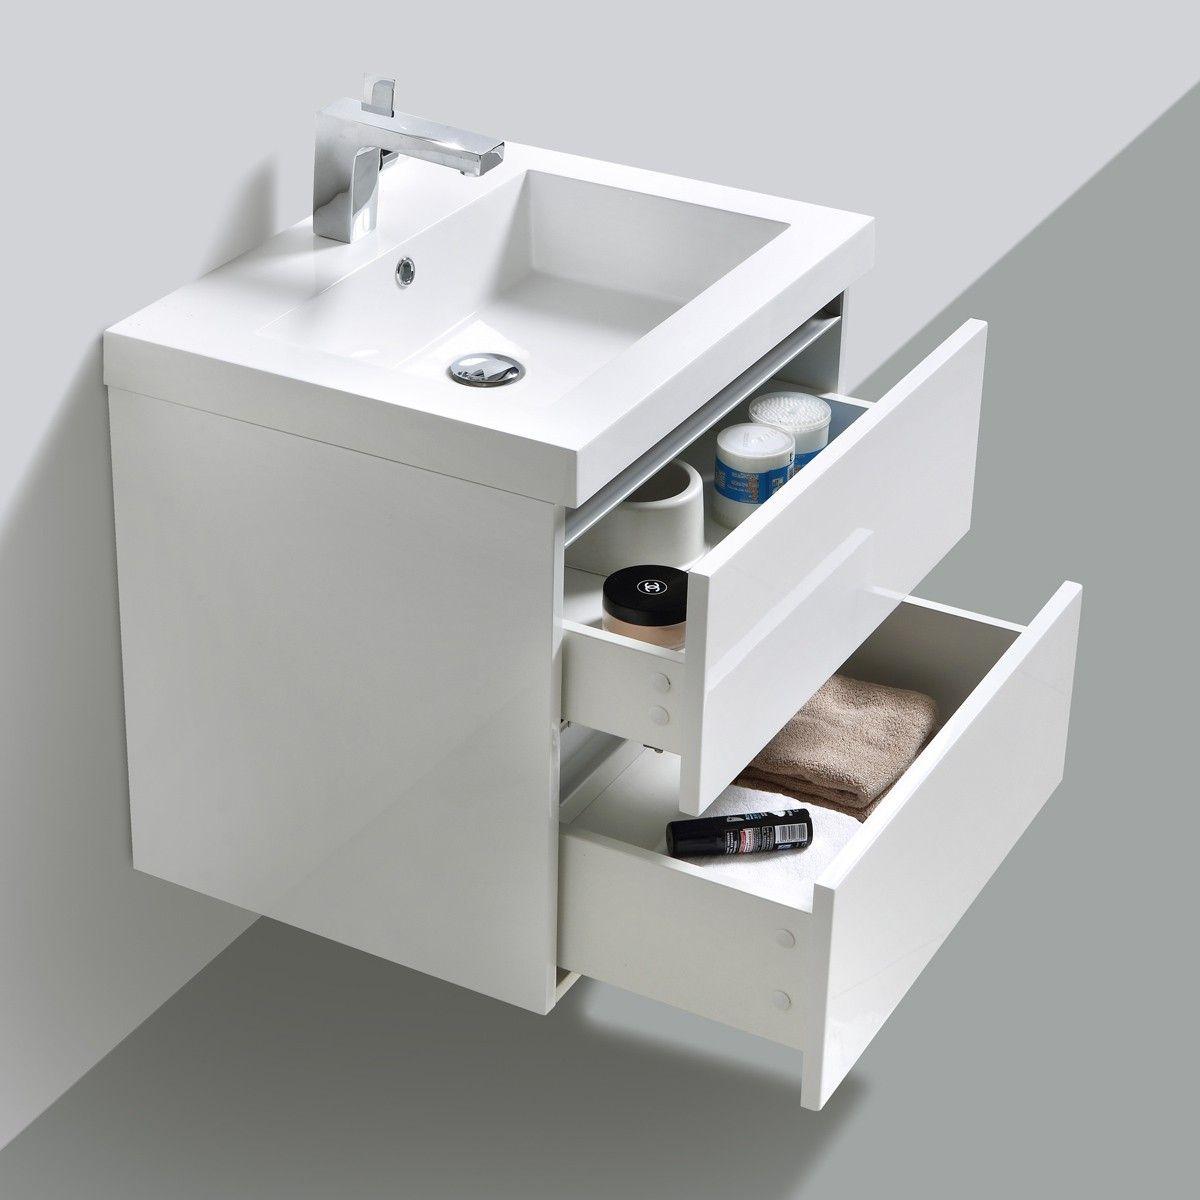 Waschbecken Mit Unterschrank 60 Cm 1 Deutsche Dekor 2018 Online Kaufen Waschbeckenunterschrank Unterschrank Waschbecken Unterschrank